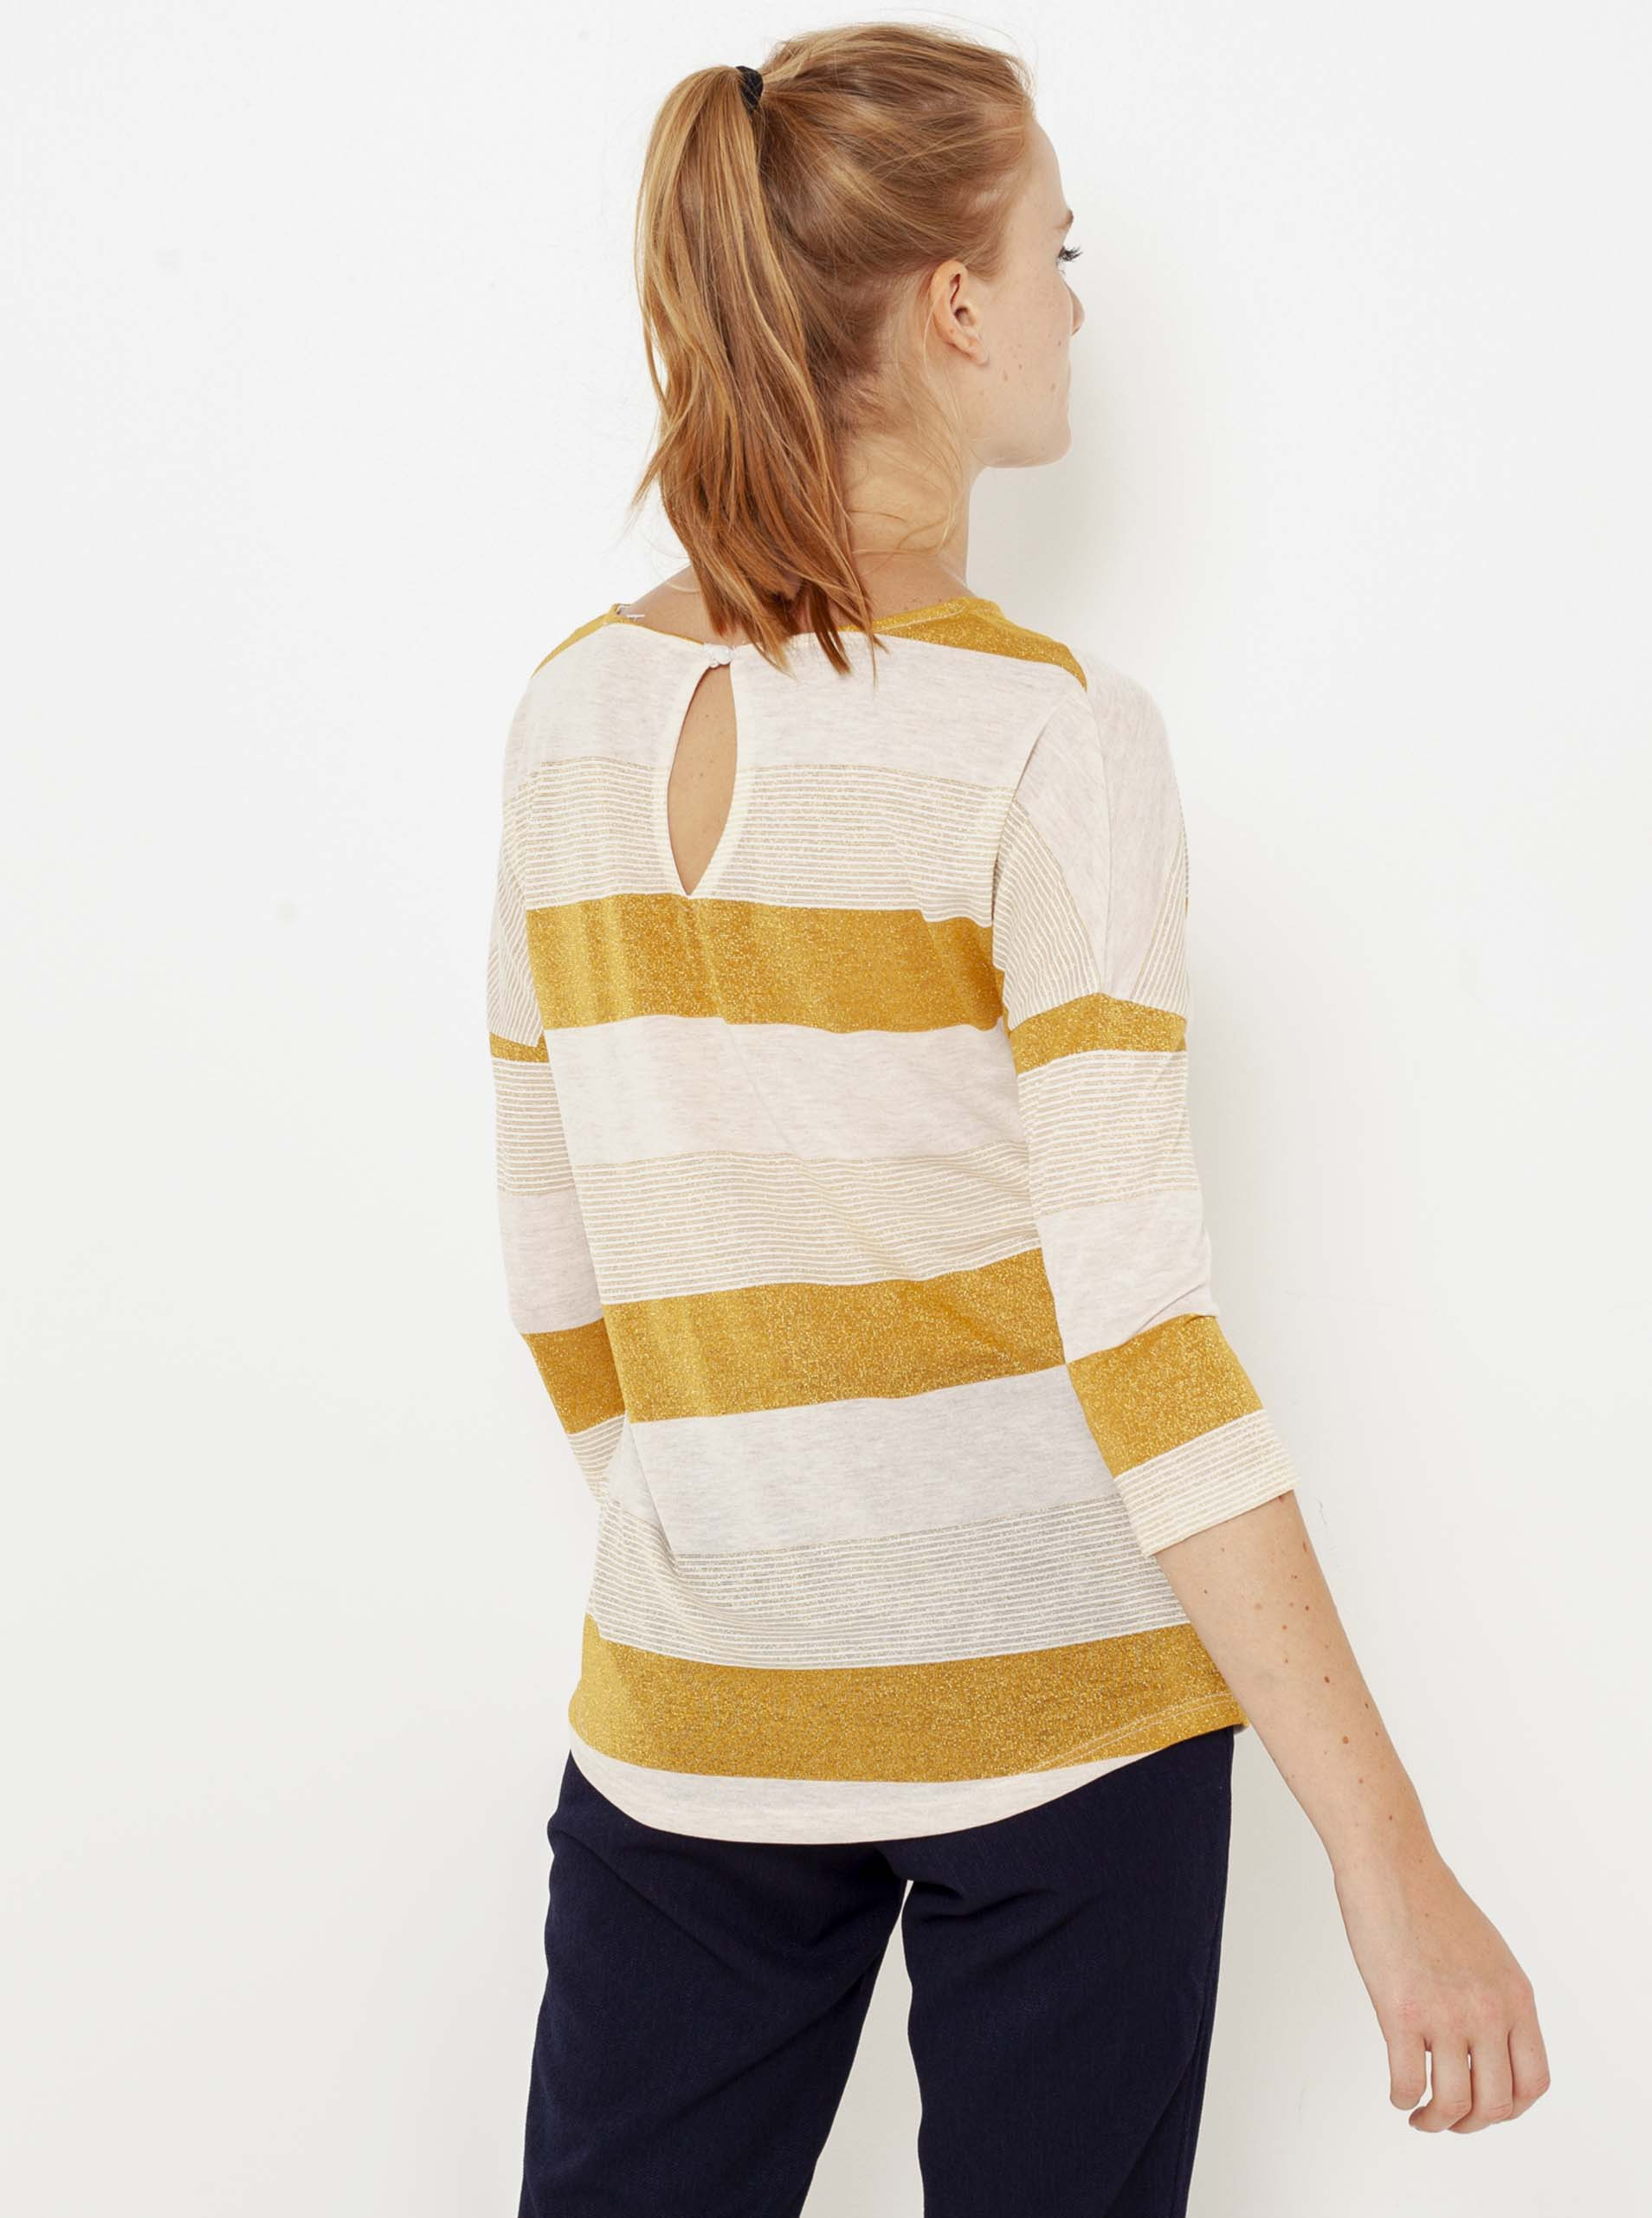 CAMAIEU Women's t-shirt creamy